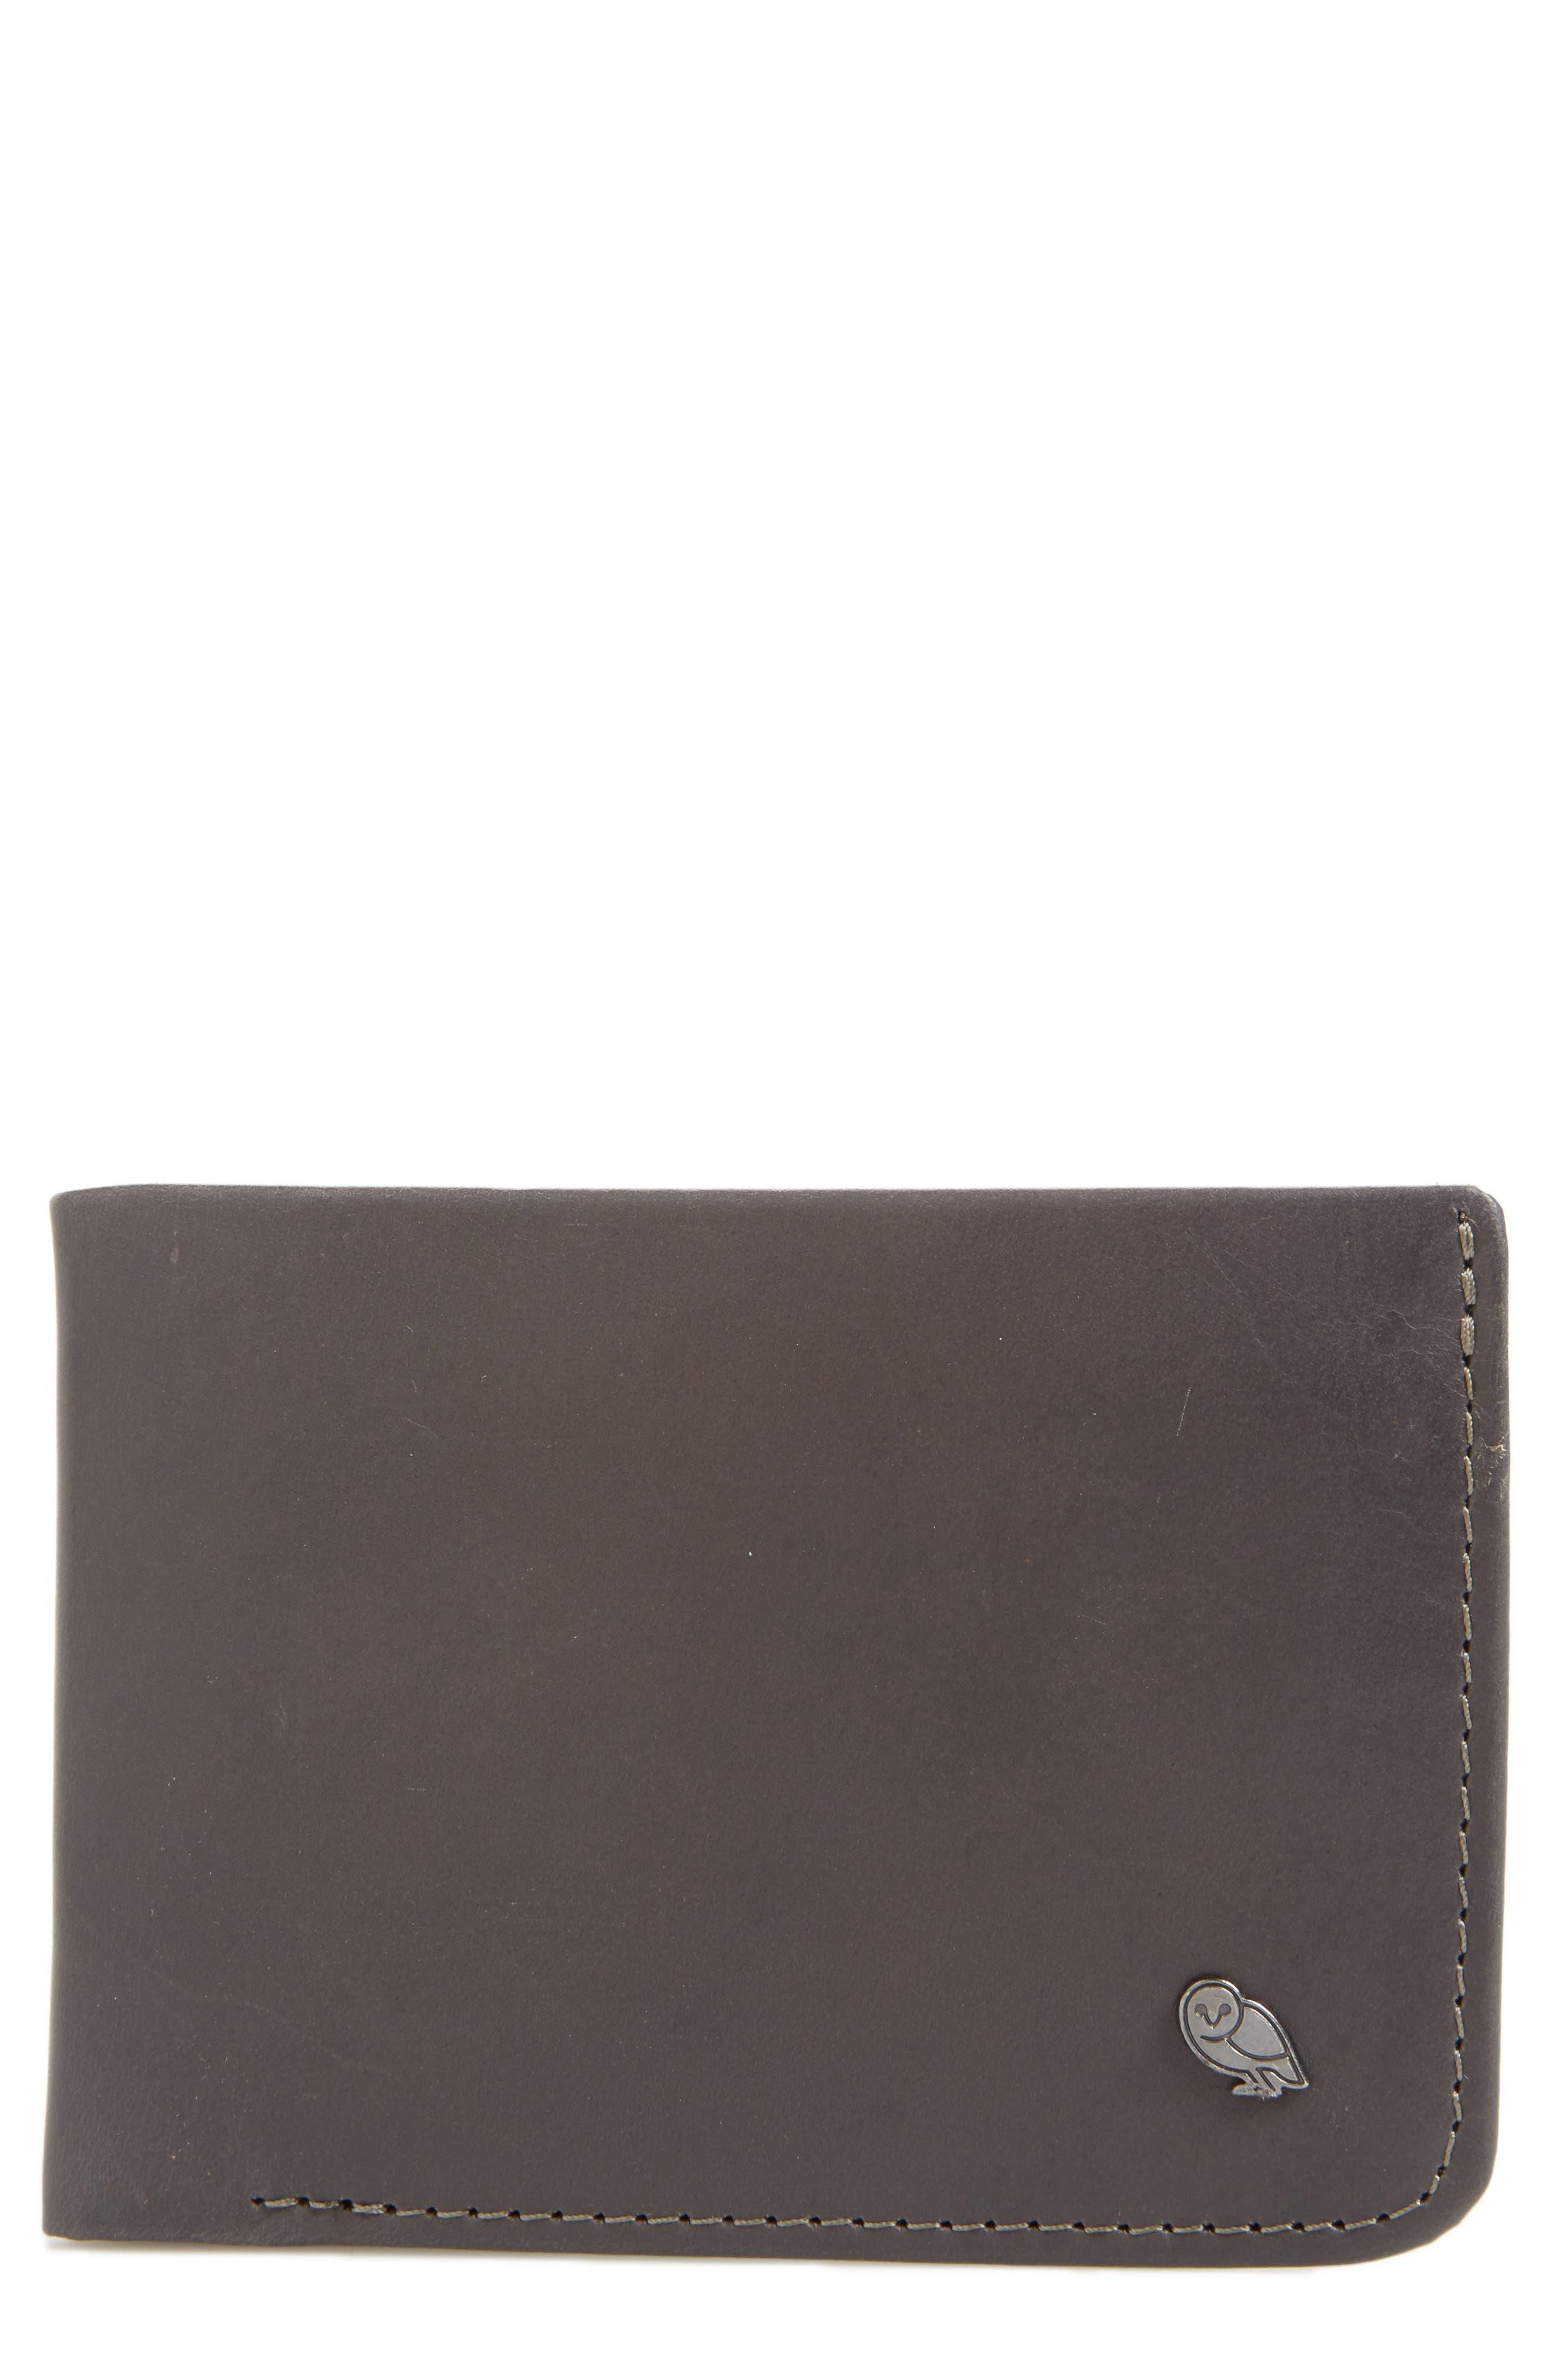 Main Image - Bellroy 'Hide And Seek' Wallet